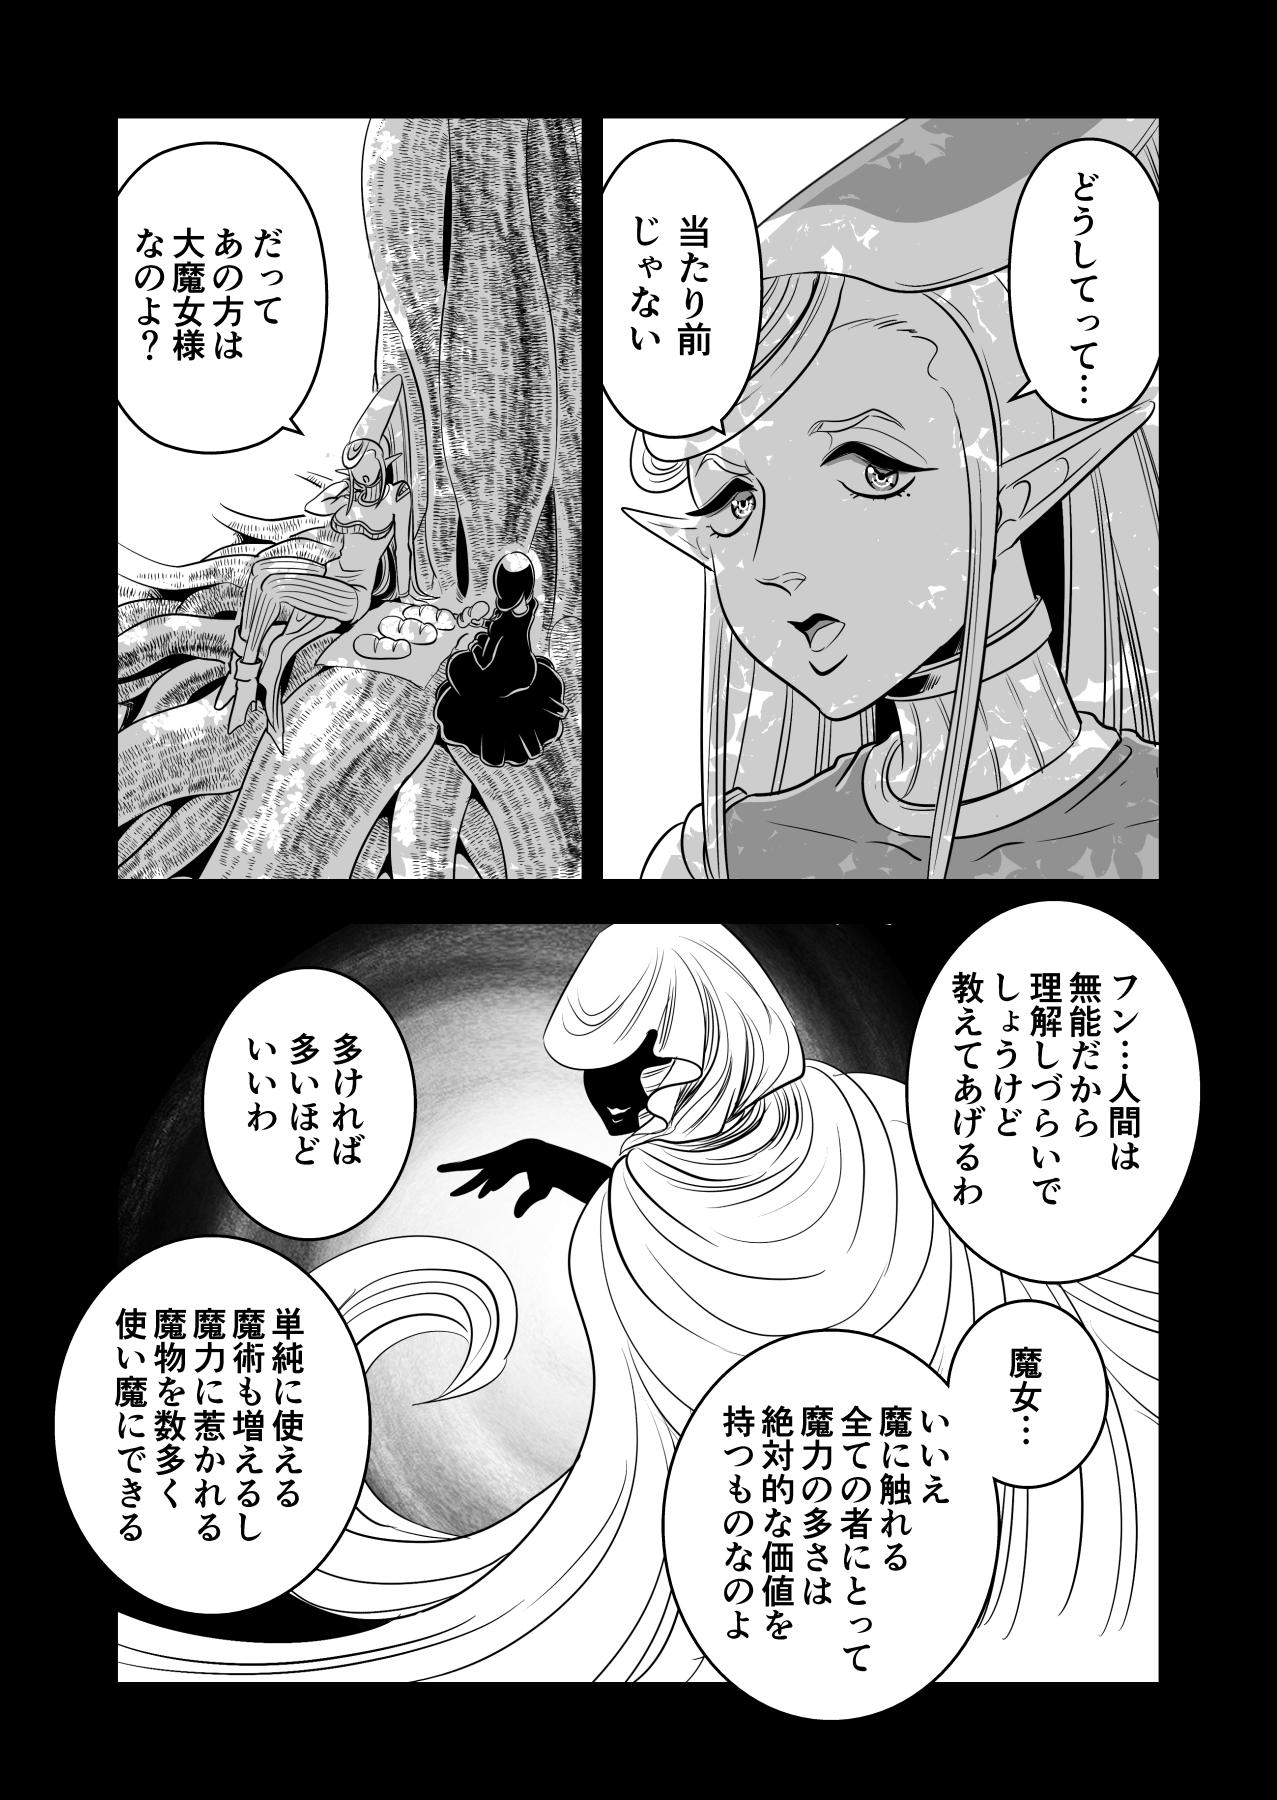 ヤサグレ魔女とグリザベッラと魔女の使い魔0079